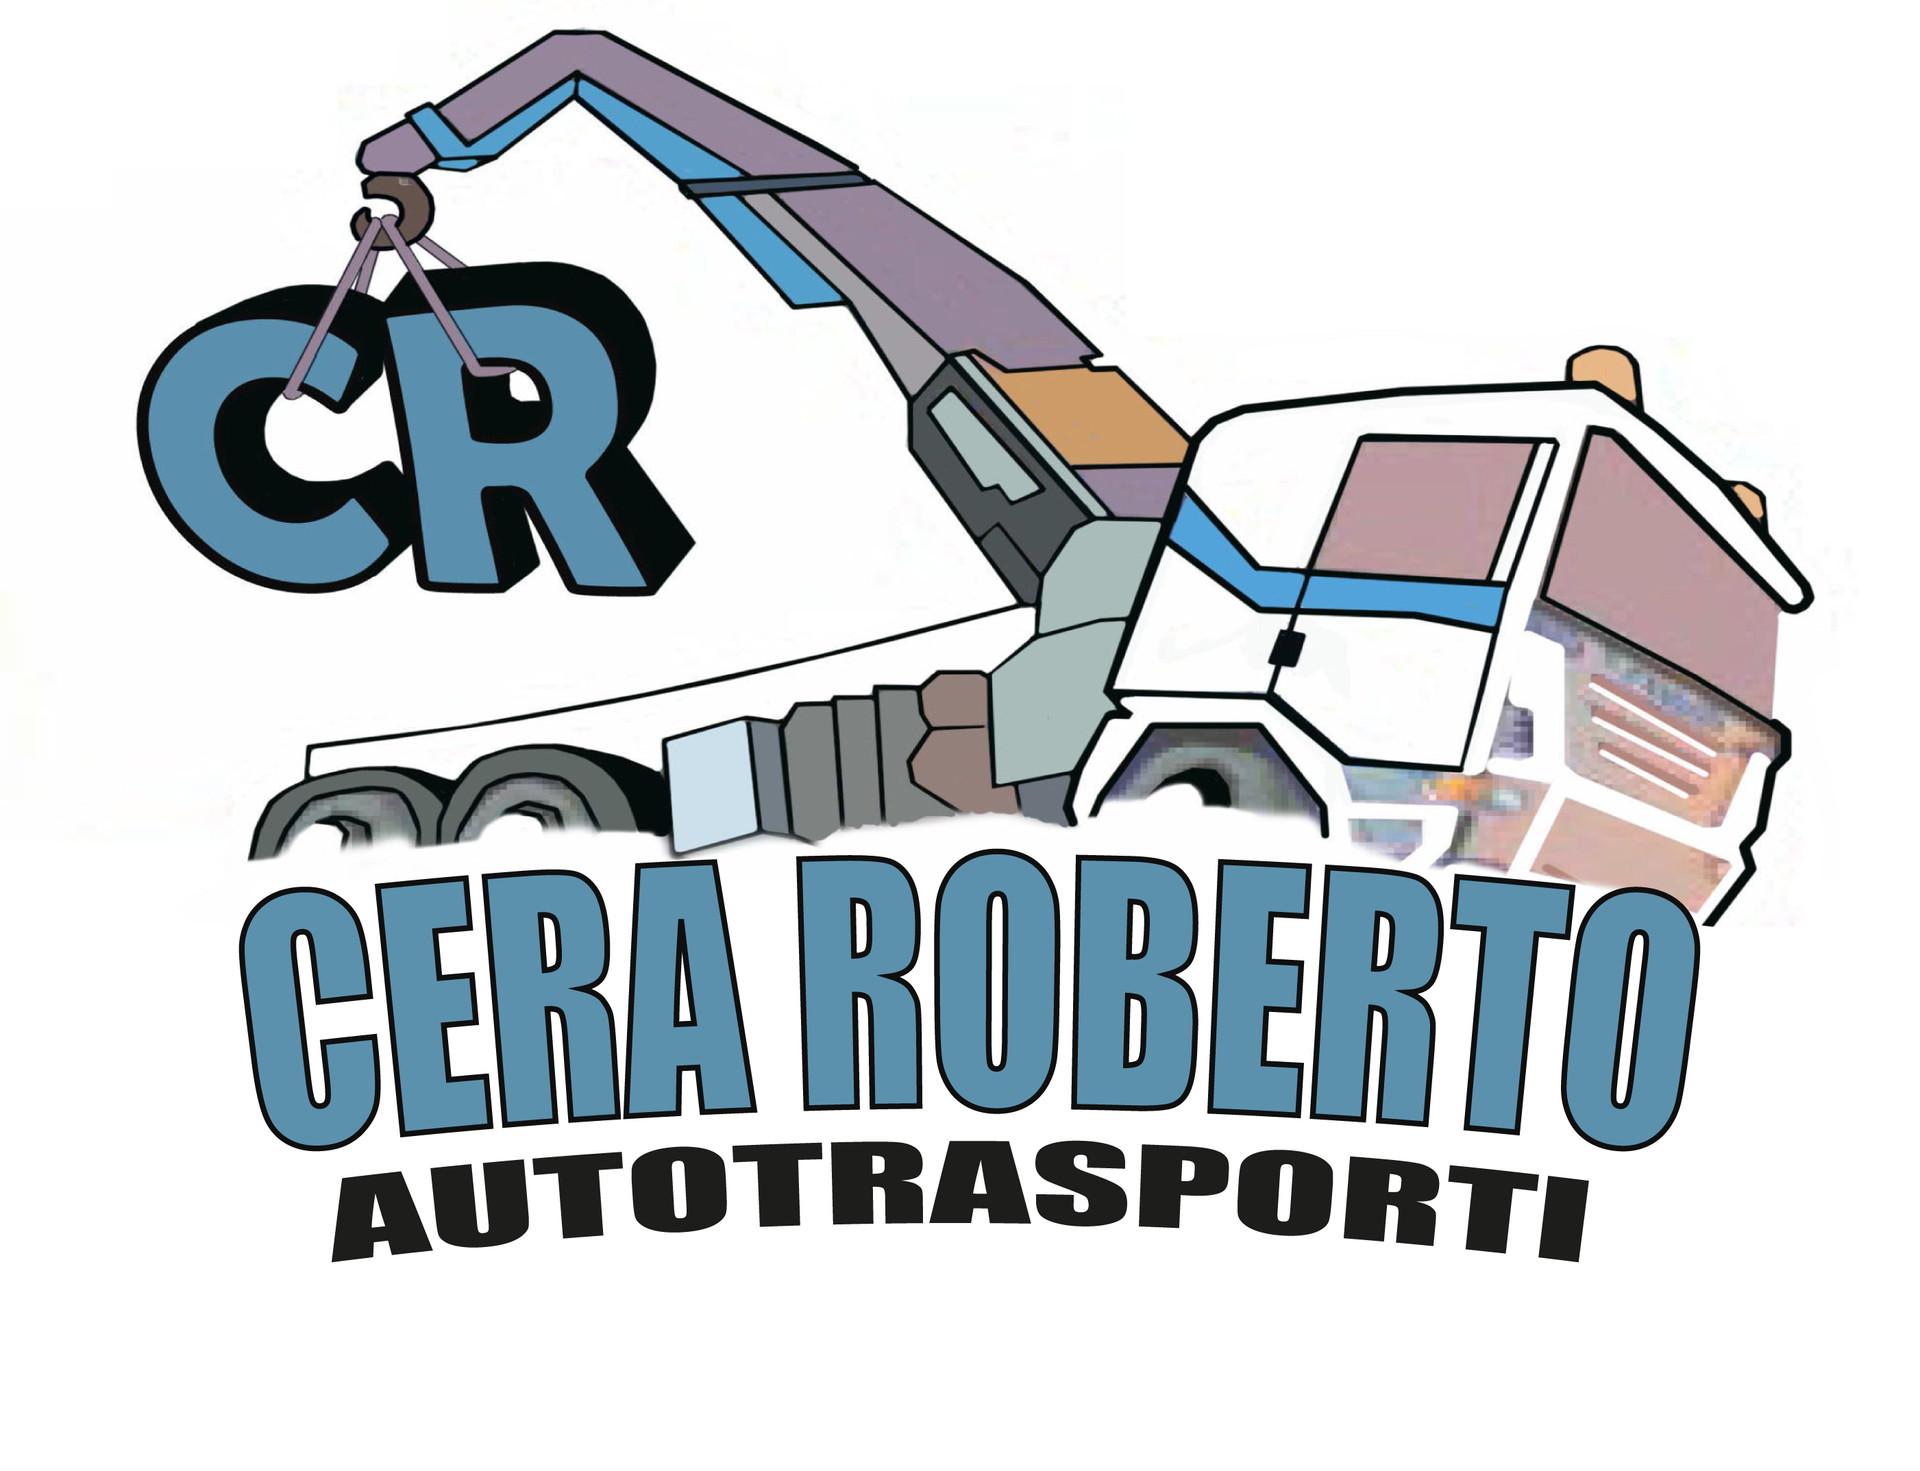 CERA2.jpg